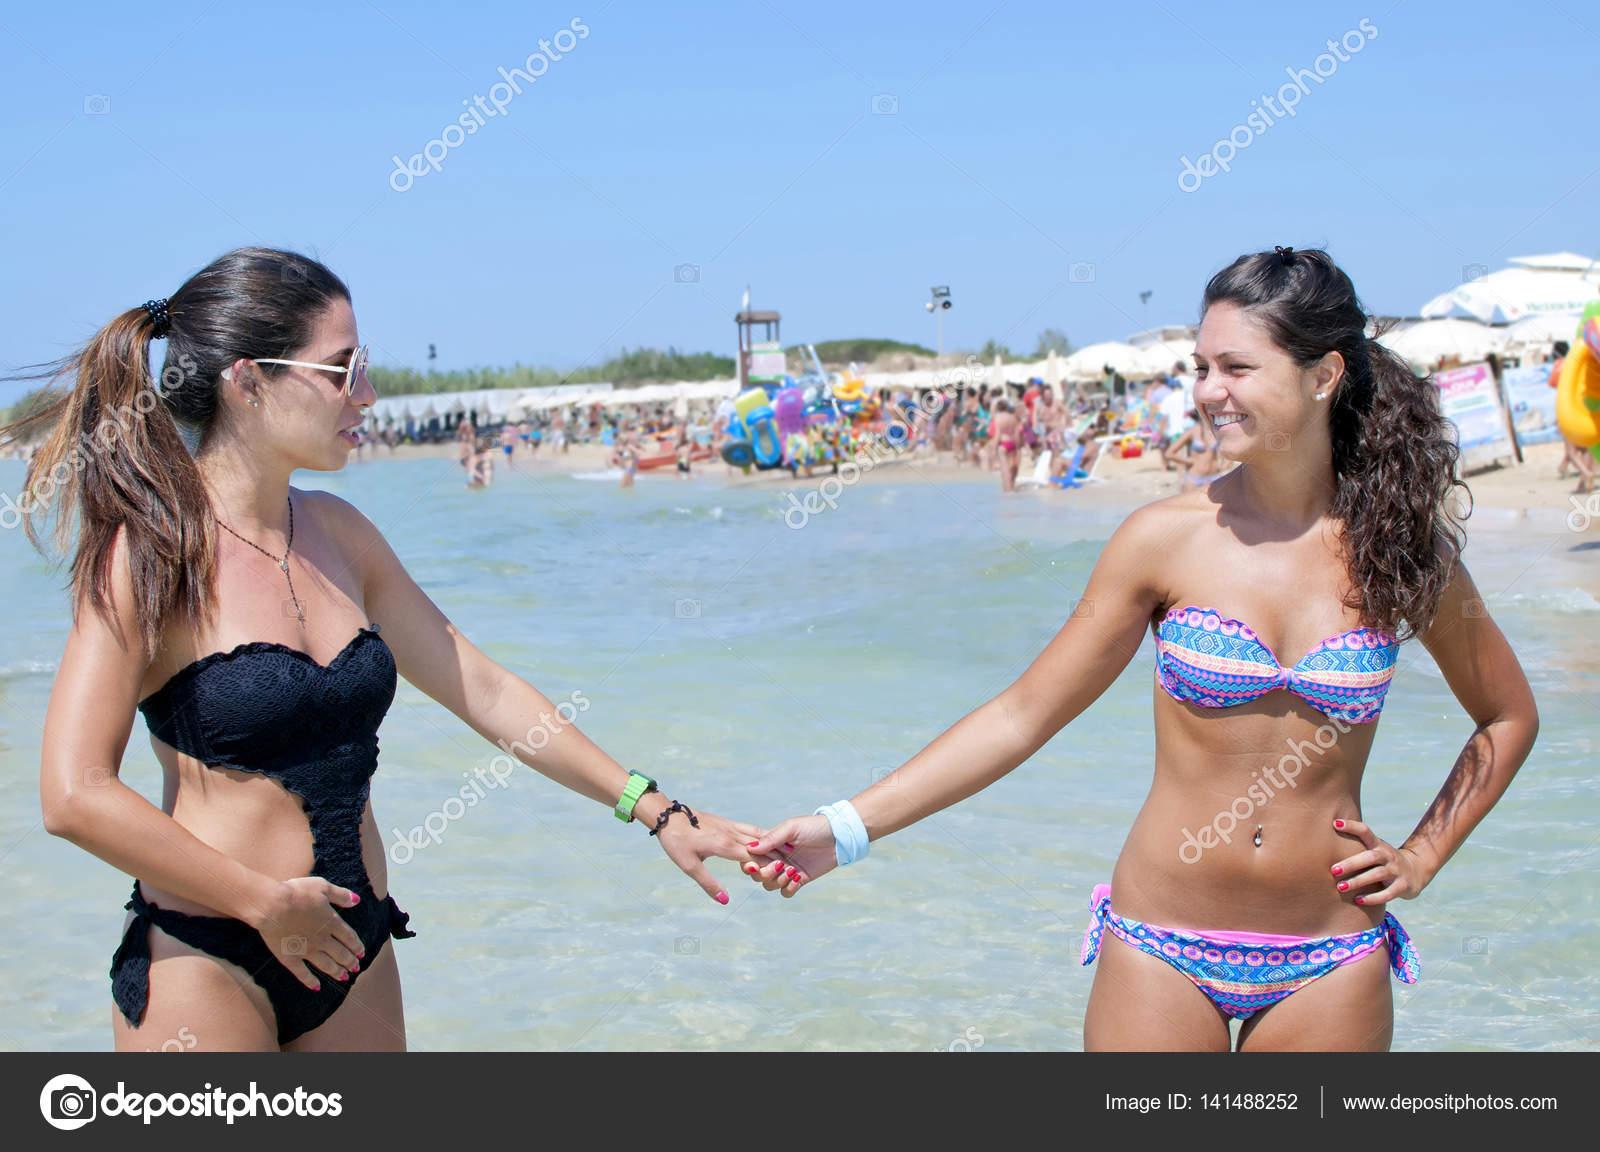 vackra kvinnor i bikini